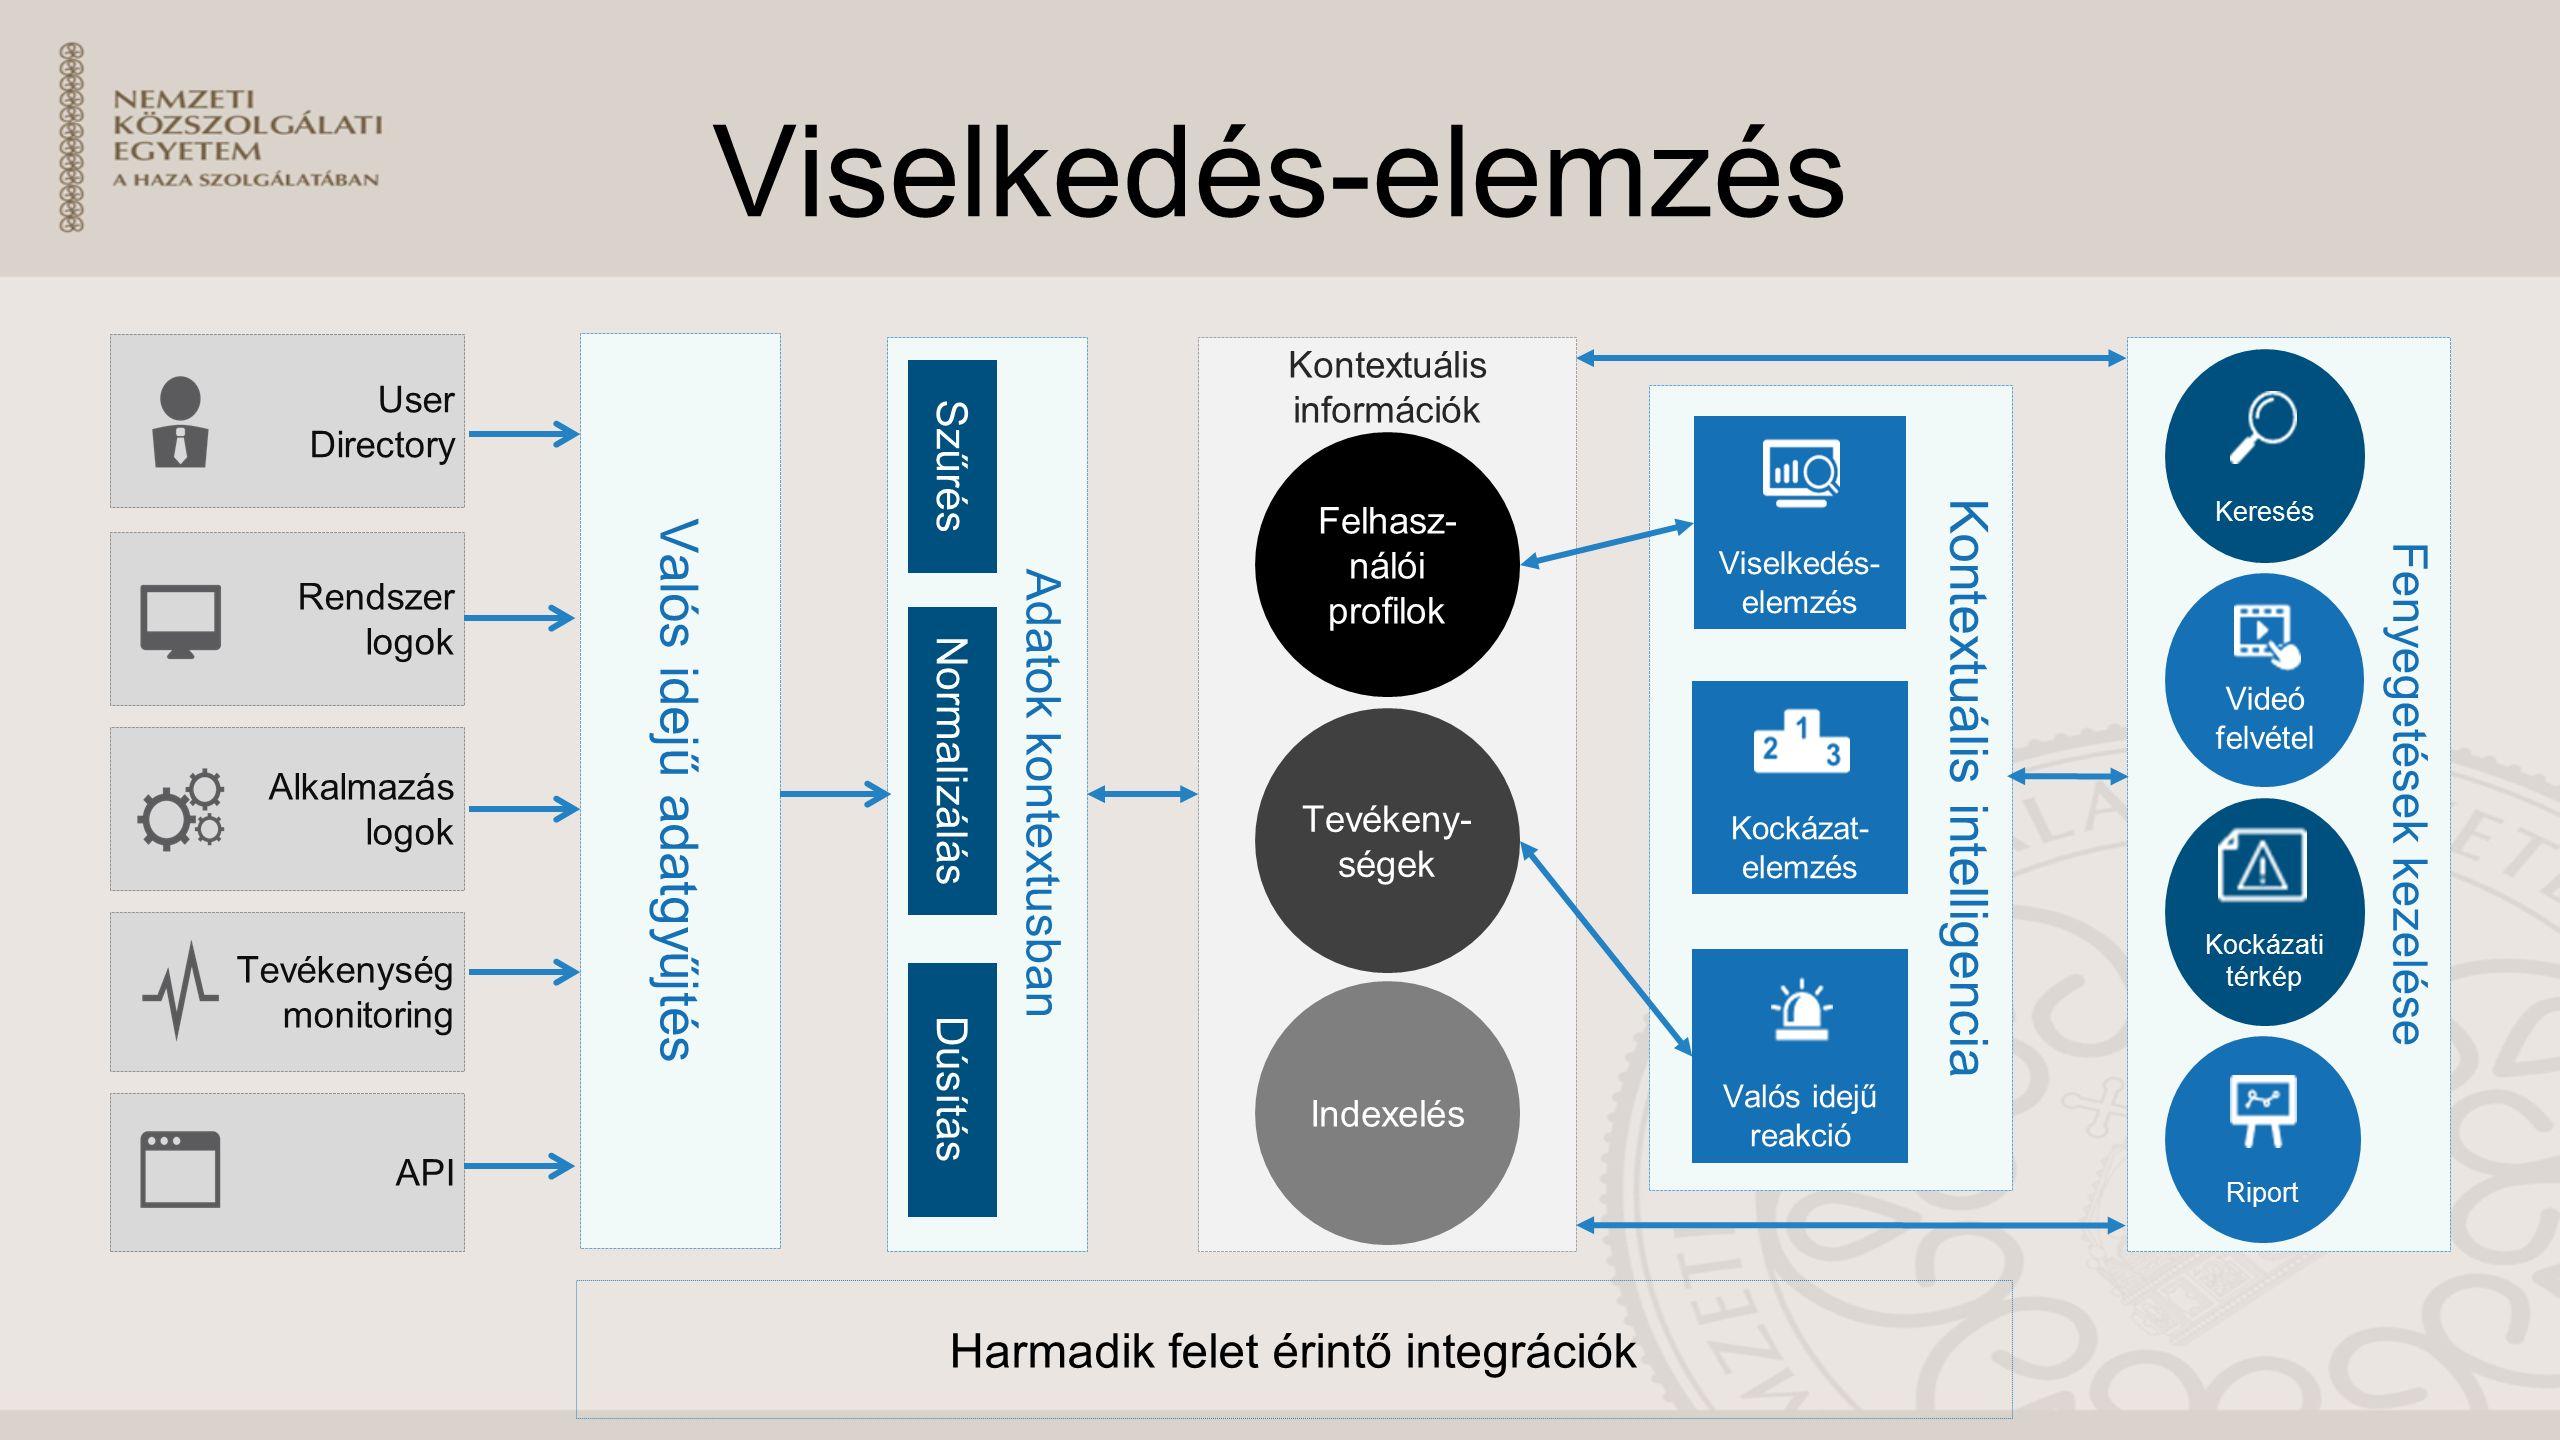 Viselkedés-elemzés Kontextuális információk Rendszer logok Alkalmazás logok Tevékenység monitoring Adatok kontextusban Fenyegetések kezelése API User Directory Tevékeny- ségek Videó felvétel Keresés Valós idejű adatgyűjtés Riport Szűrés Normaliz álás Dúsítás Indexelés Harmadik felet érintő integrációk Felhasz- nálói profilok Kontextuális intelligencia Viselkedés- elemzés Valós idejű reakció Kockázat- elemzés Kockázati térkép